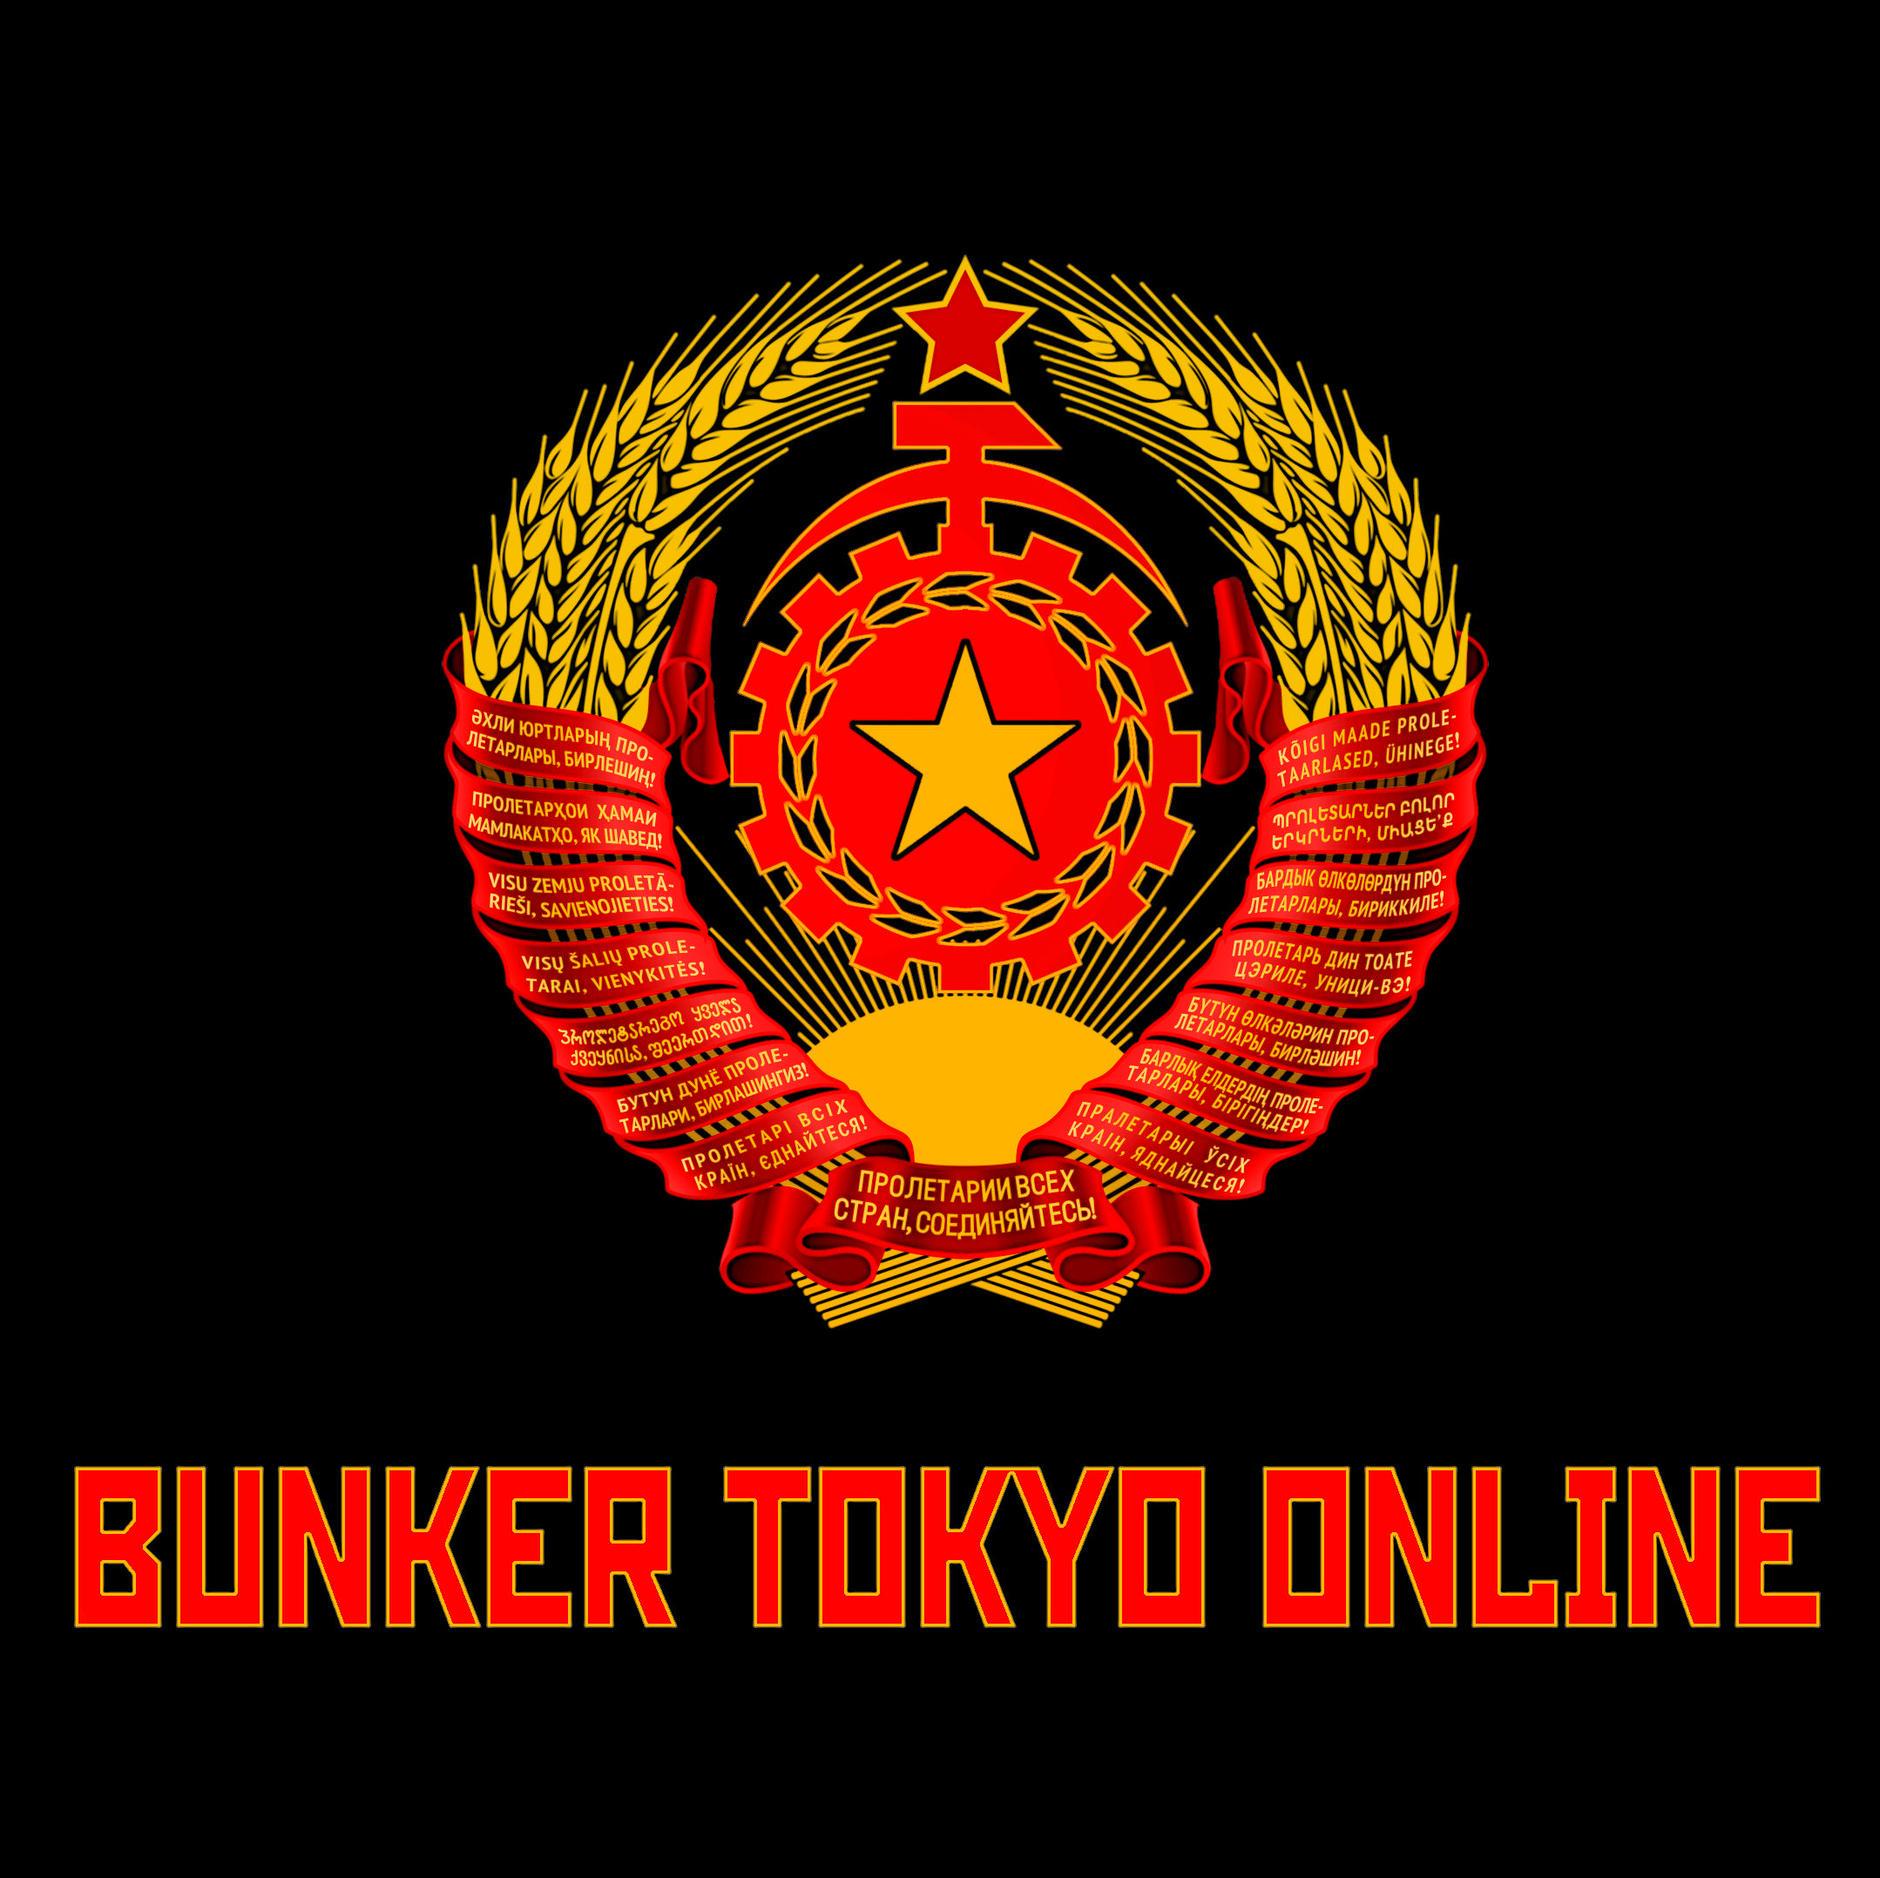 BUNKER TOKYO